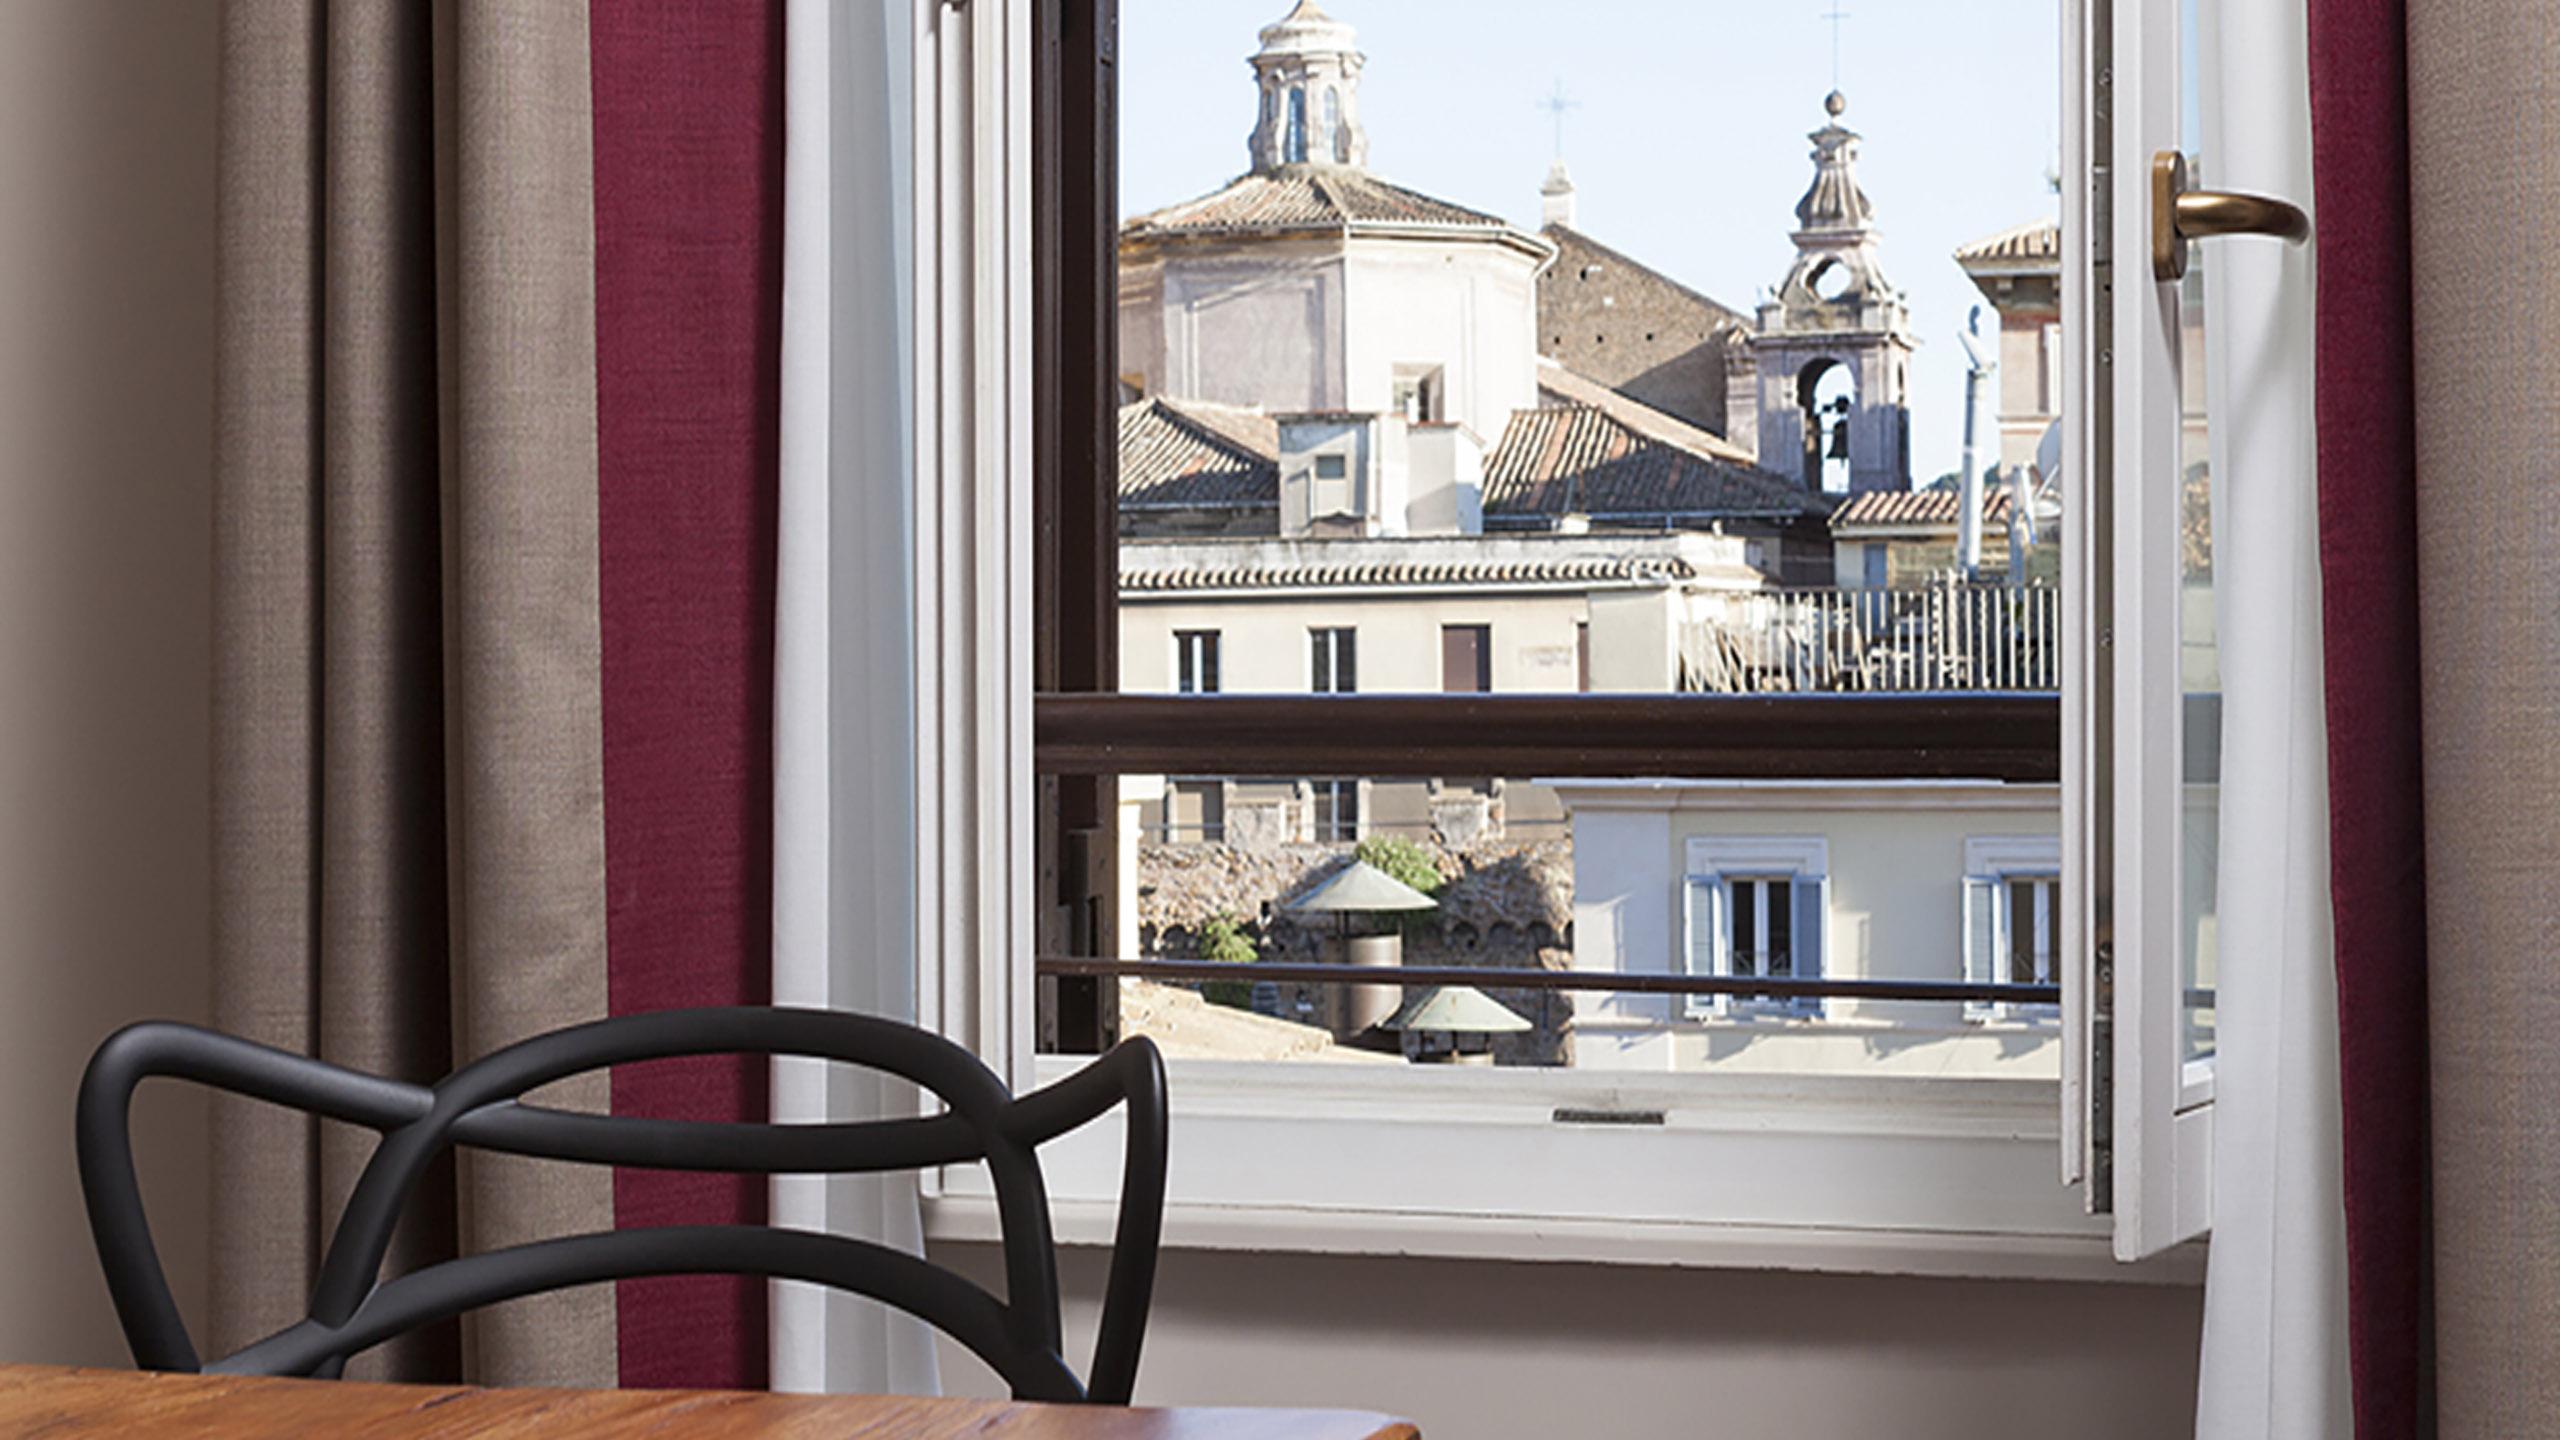 Residence-Trianon-Borgo-Roma-Pio-appartamento-superior-con-terrazza-2020-finestra